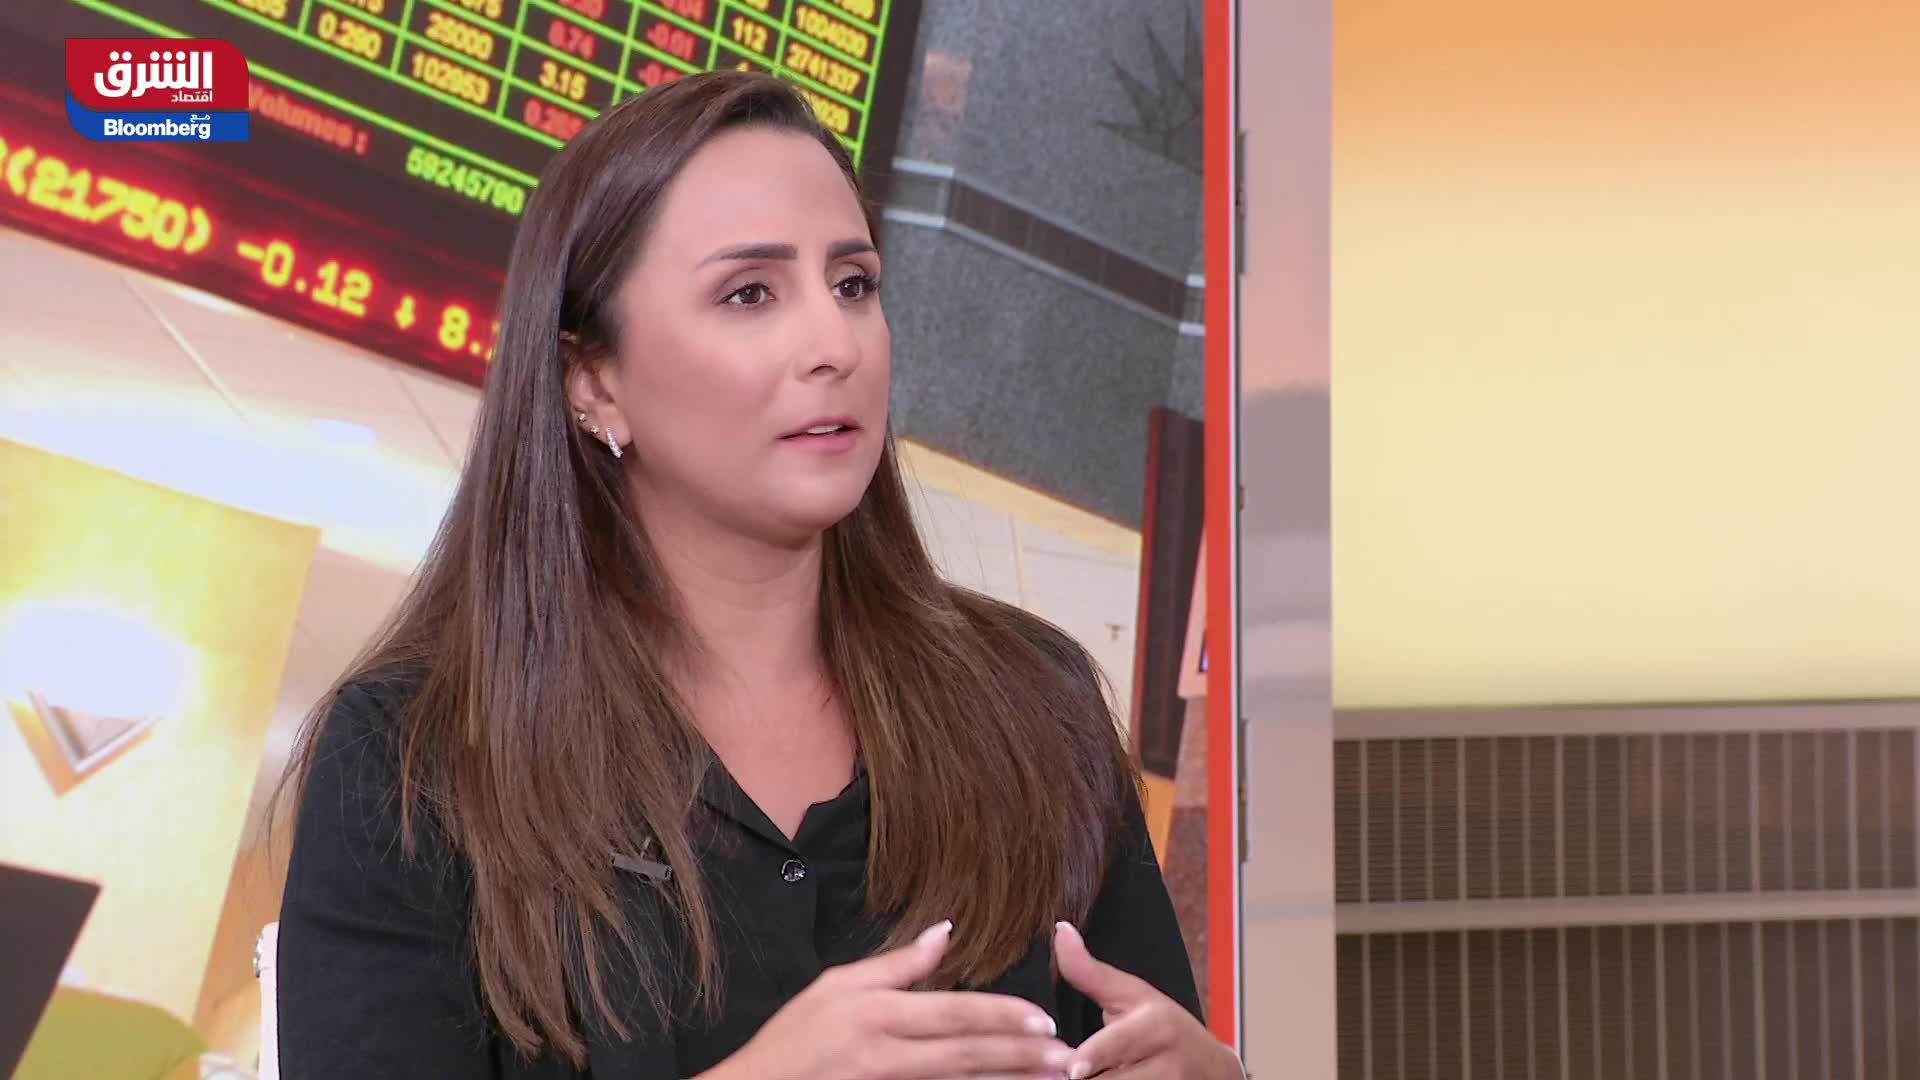 """ردود إيجابية بالأسواق بعد إعلان """"طاقة"""" الإماراتية نيتها بيع حصة بالشركة؟"""